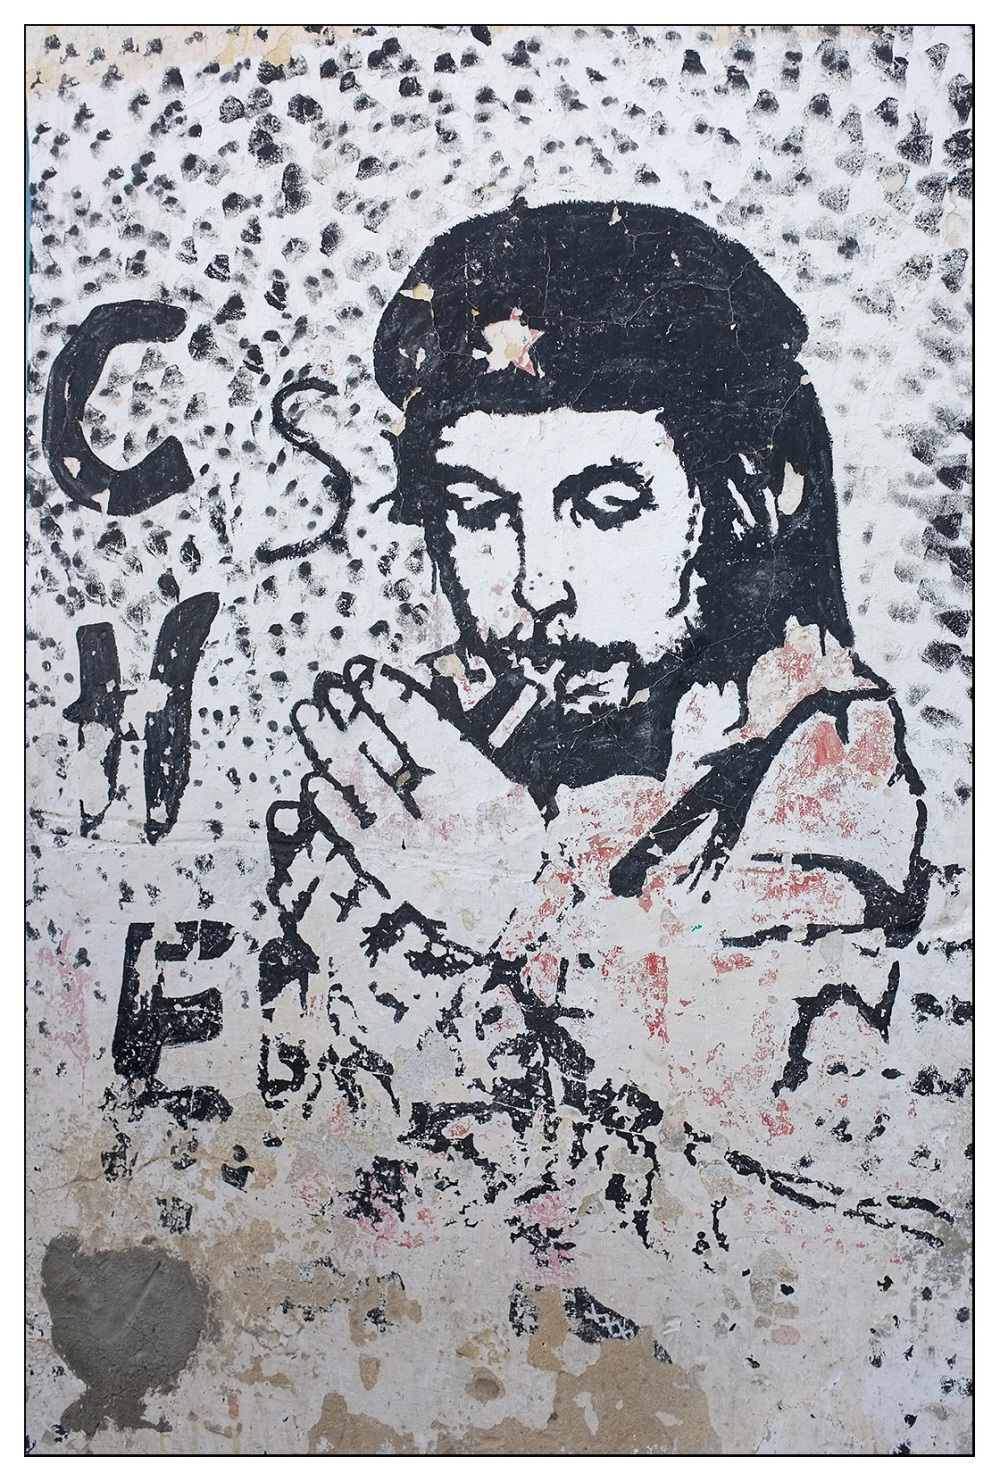 che graffiti sousse tunisia